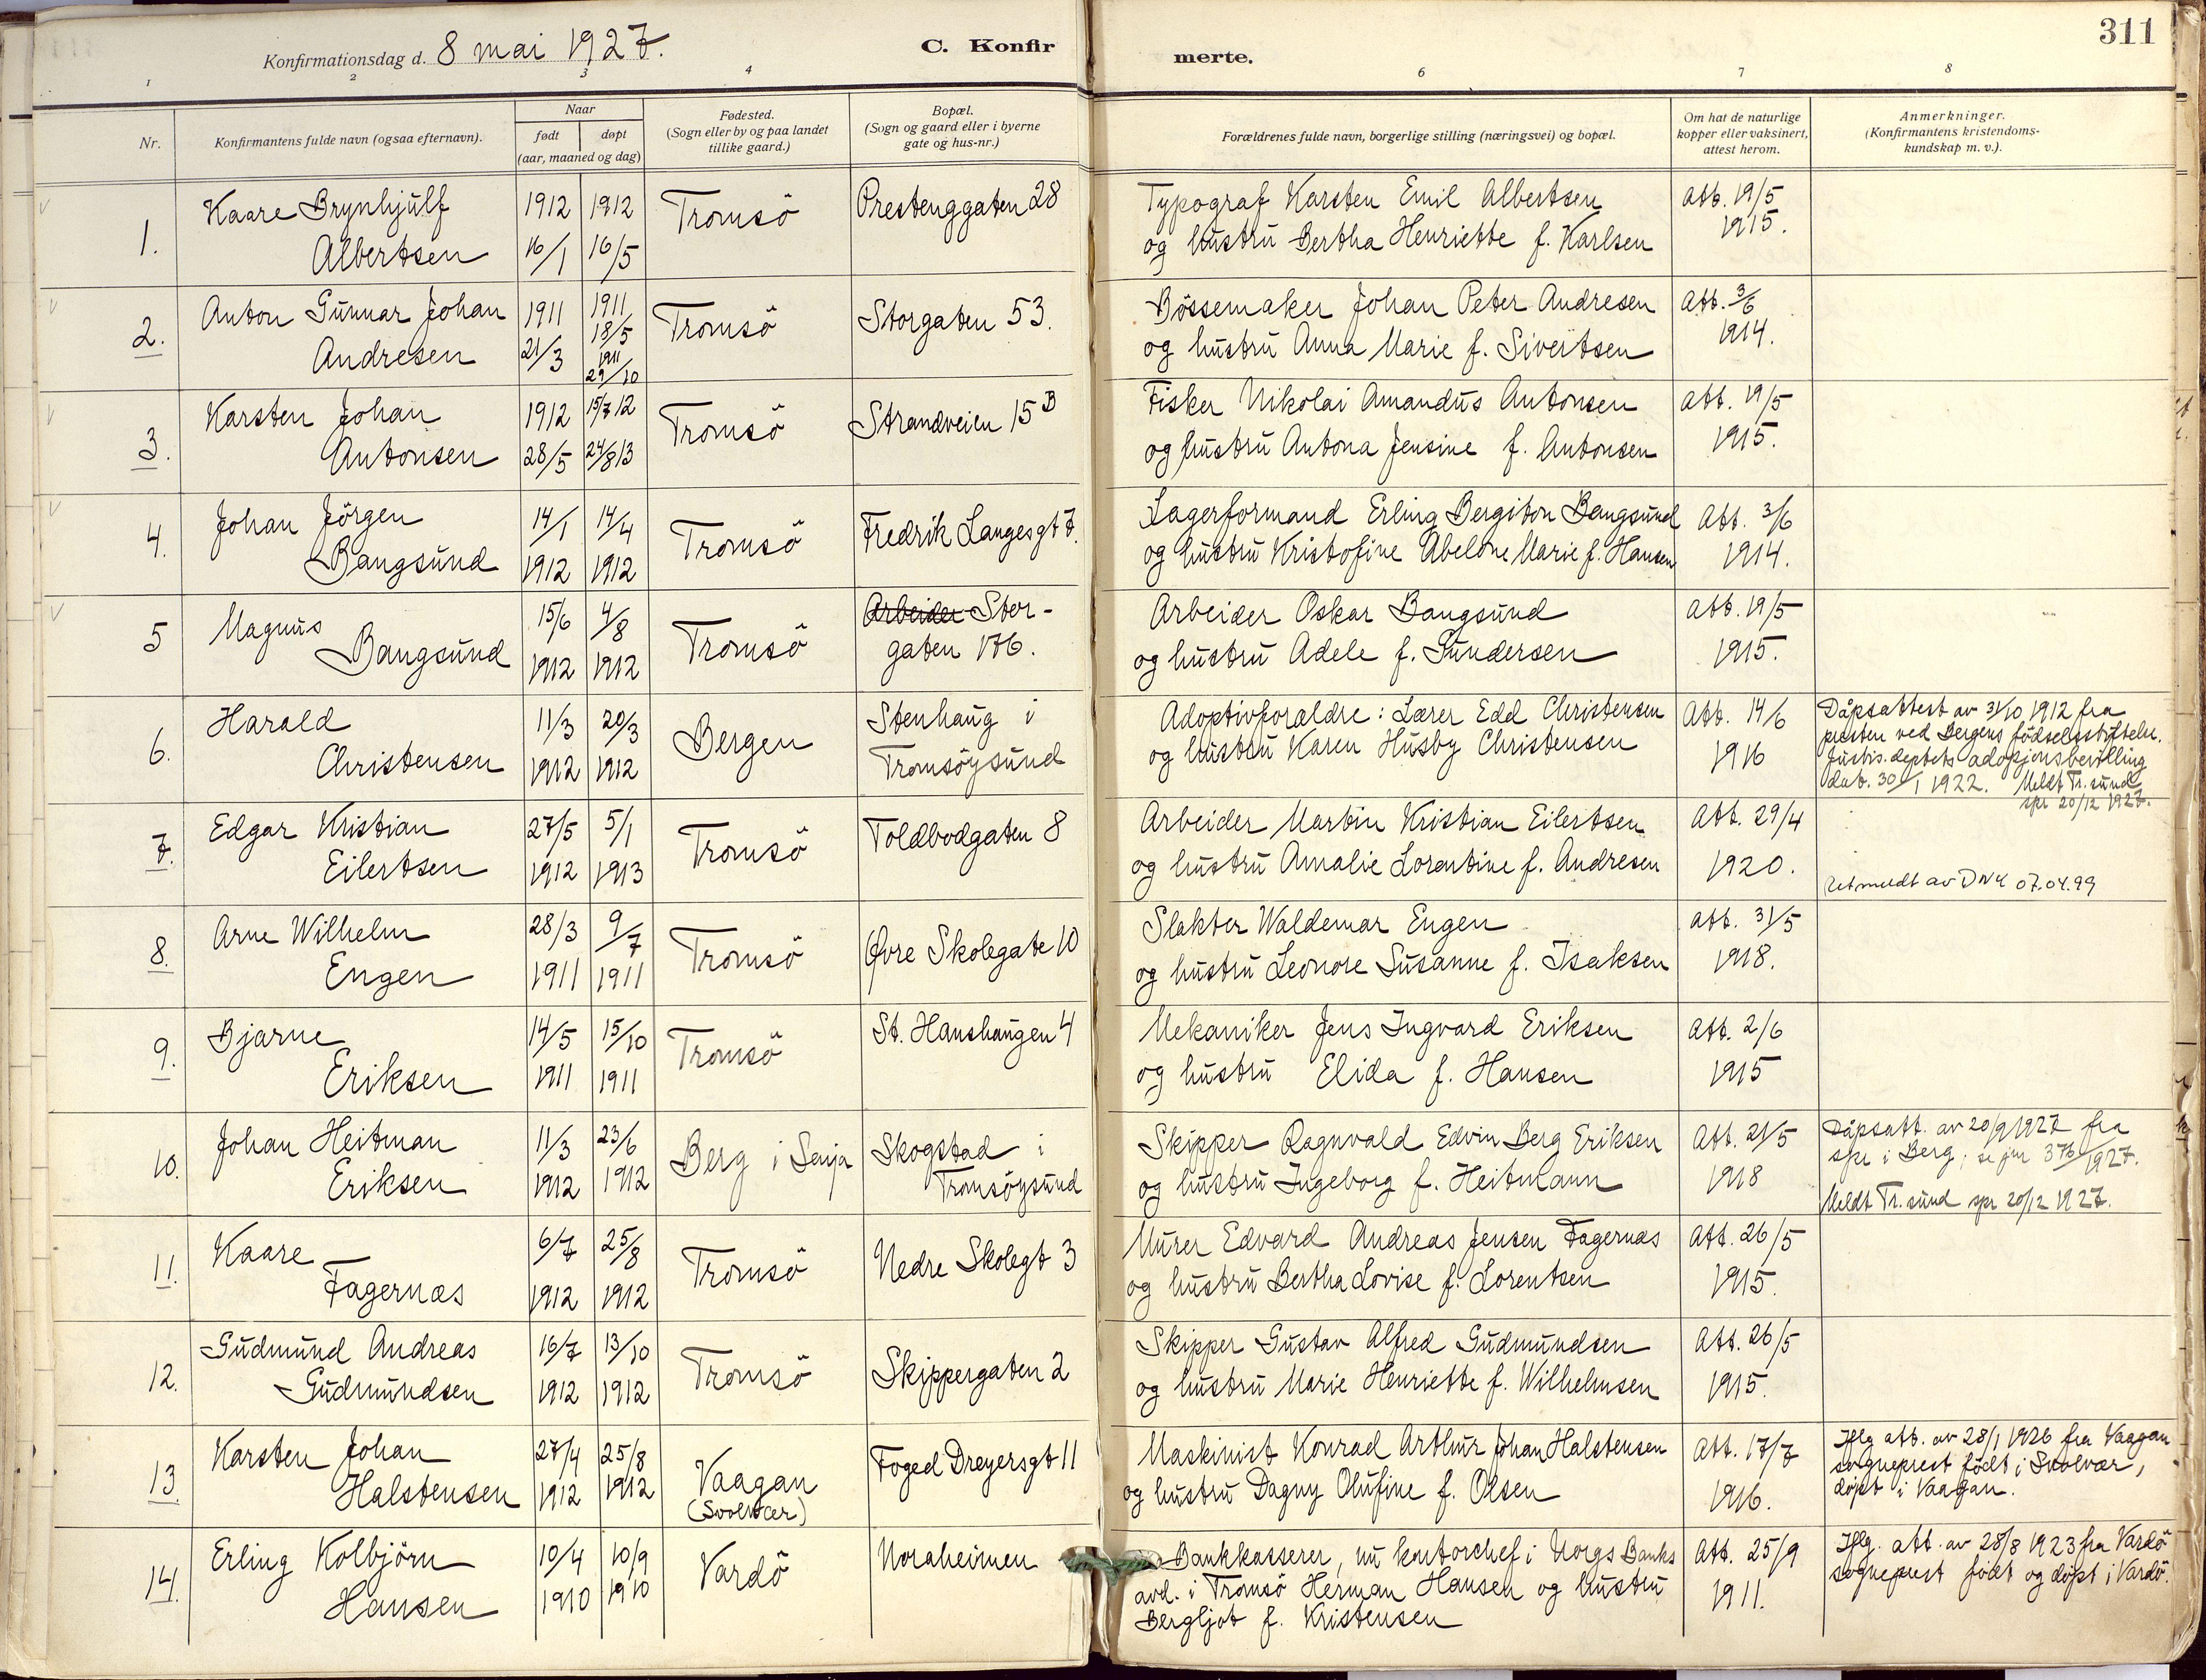 SATØ, Tromsø sokneprestkontor/stiftsprosti/domprosti, G/Ga/L0019kirke: Ministerialbok nr. 19, 1917-1927, s. 311